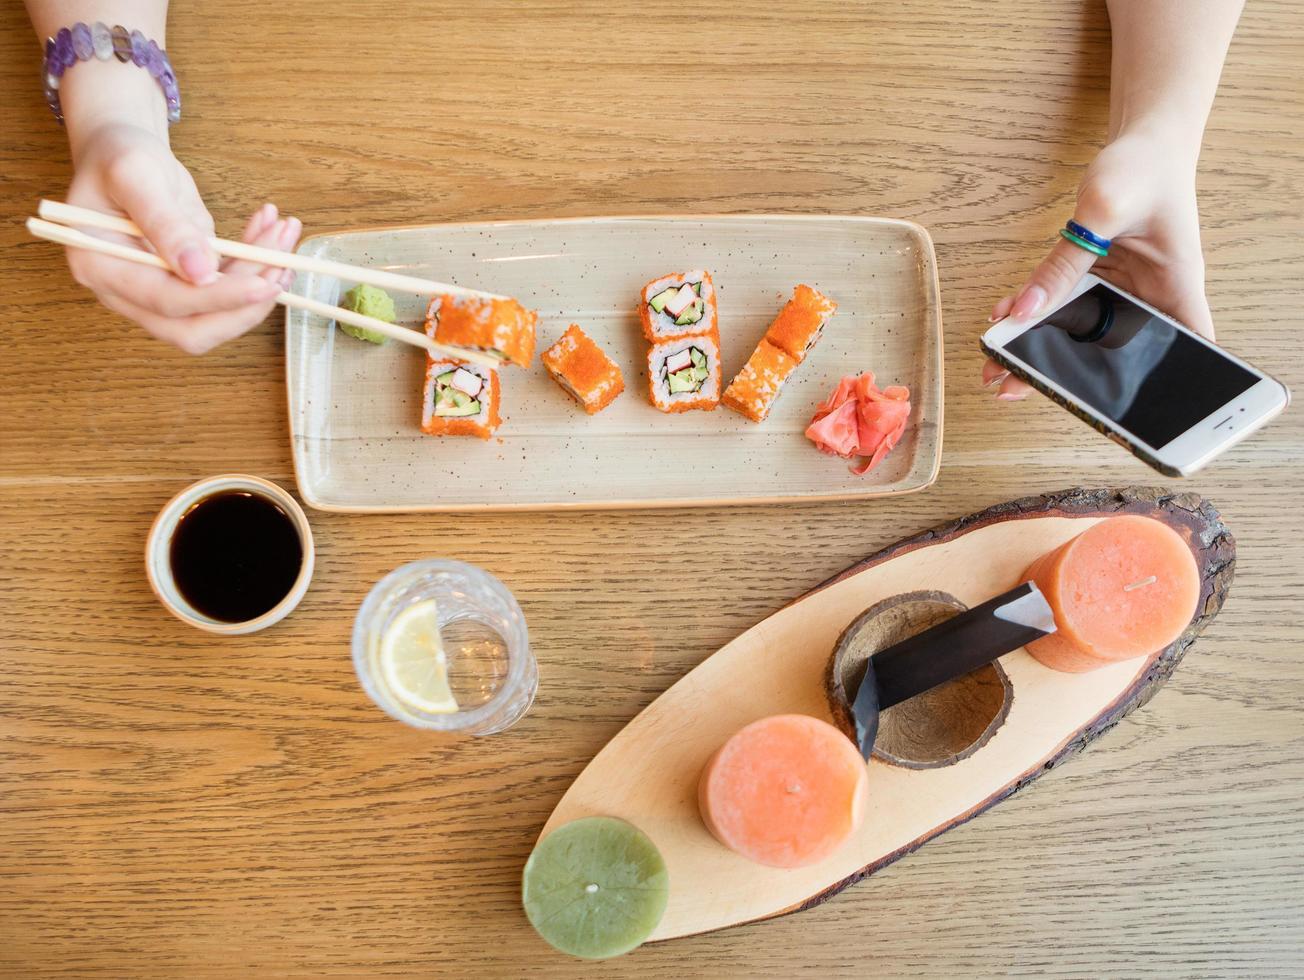 kvinna som äter sushi och använder smartphone, ovanifrån foto